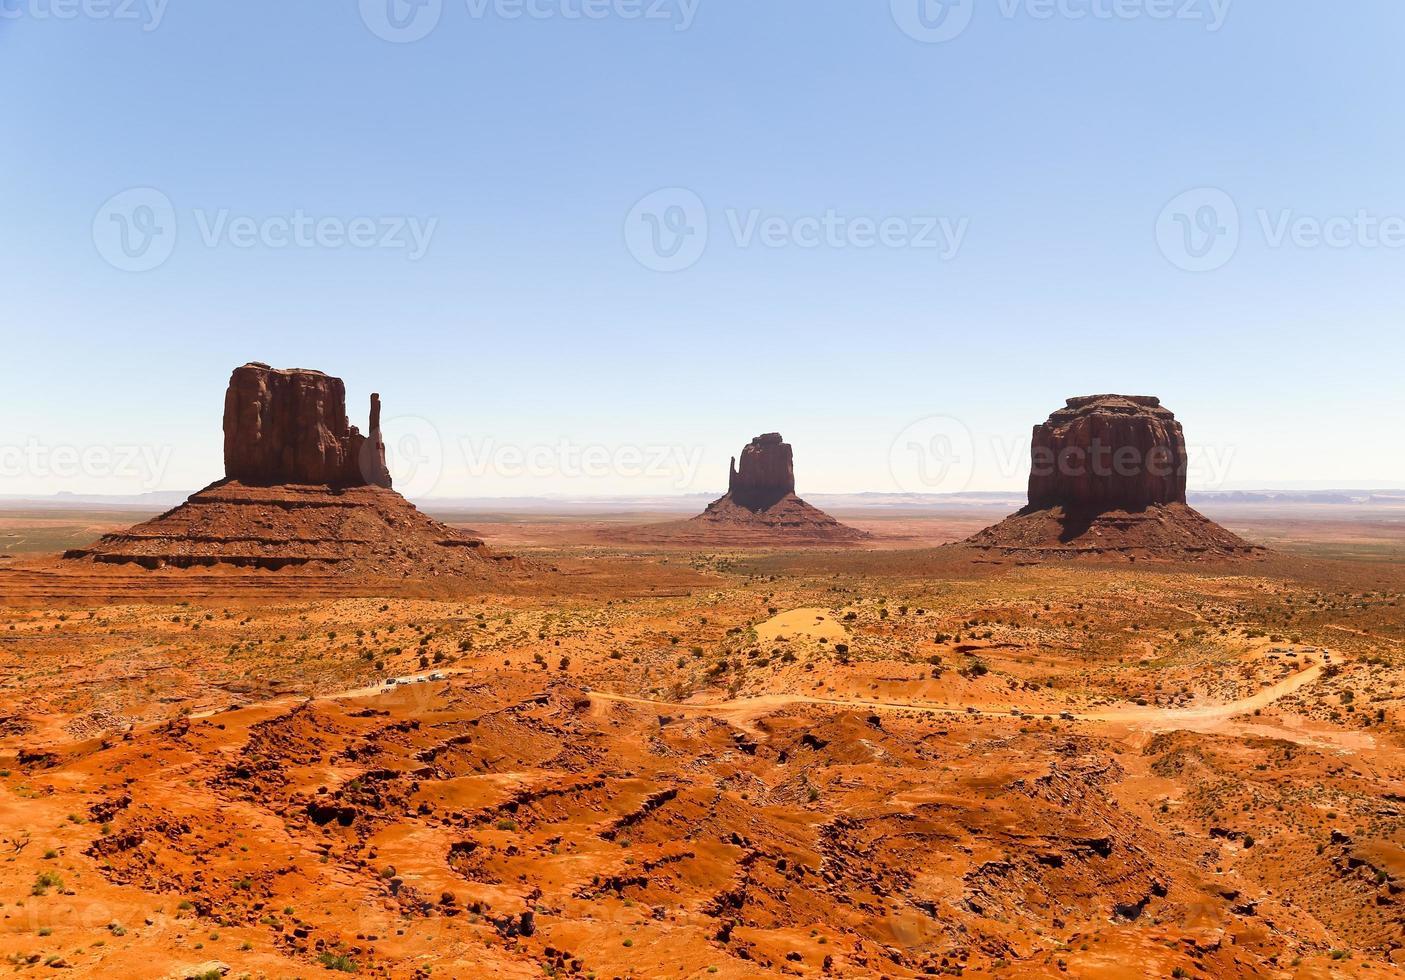 scenario occidentale foto